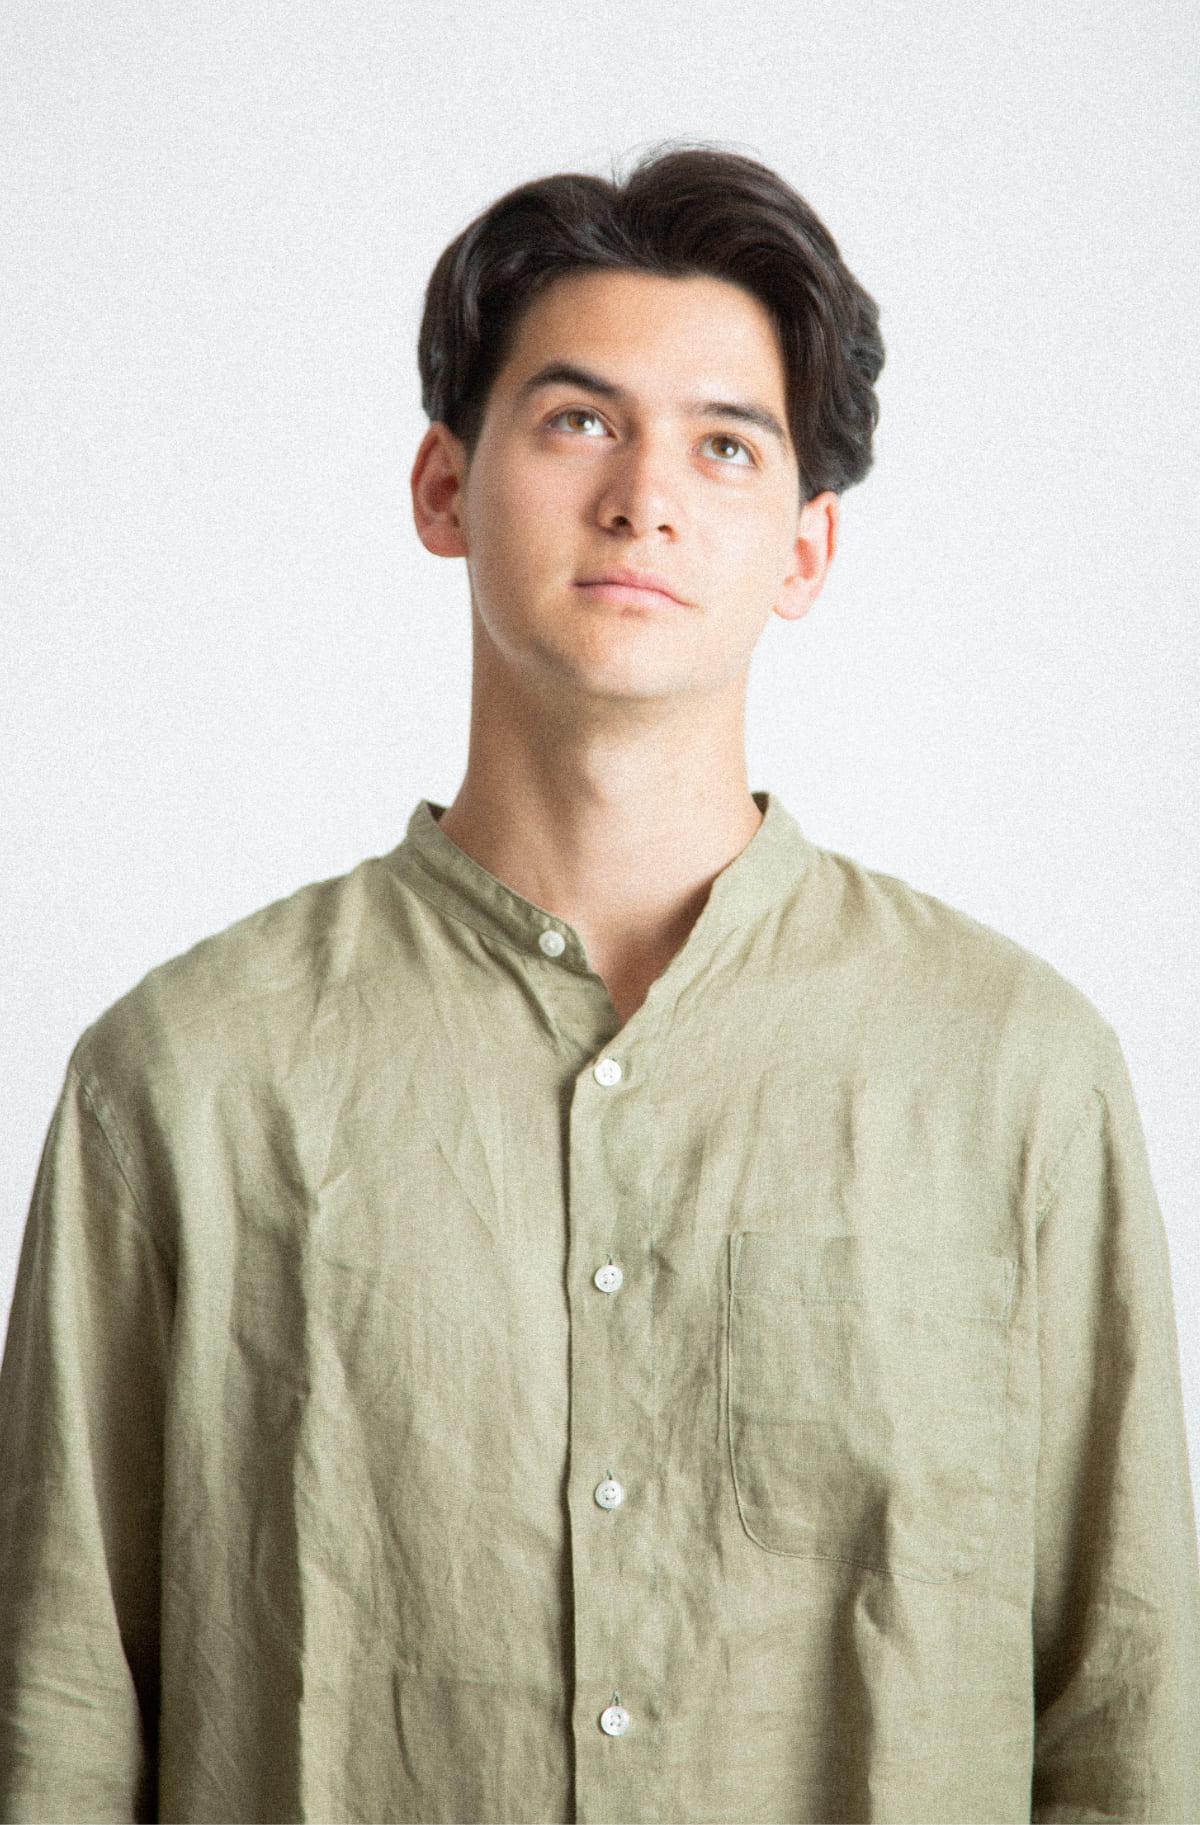 写真:男性モデル